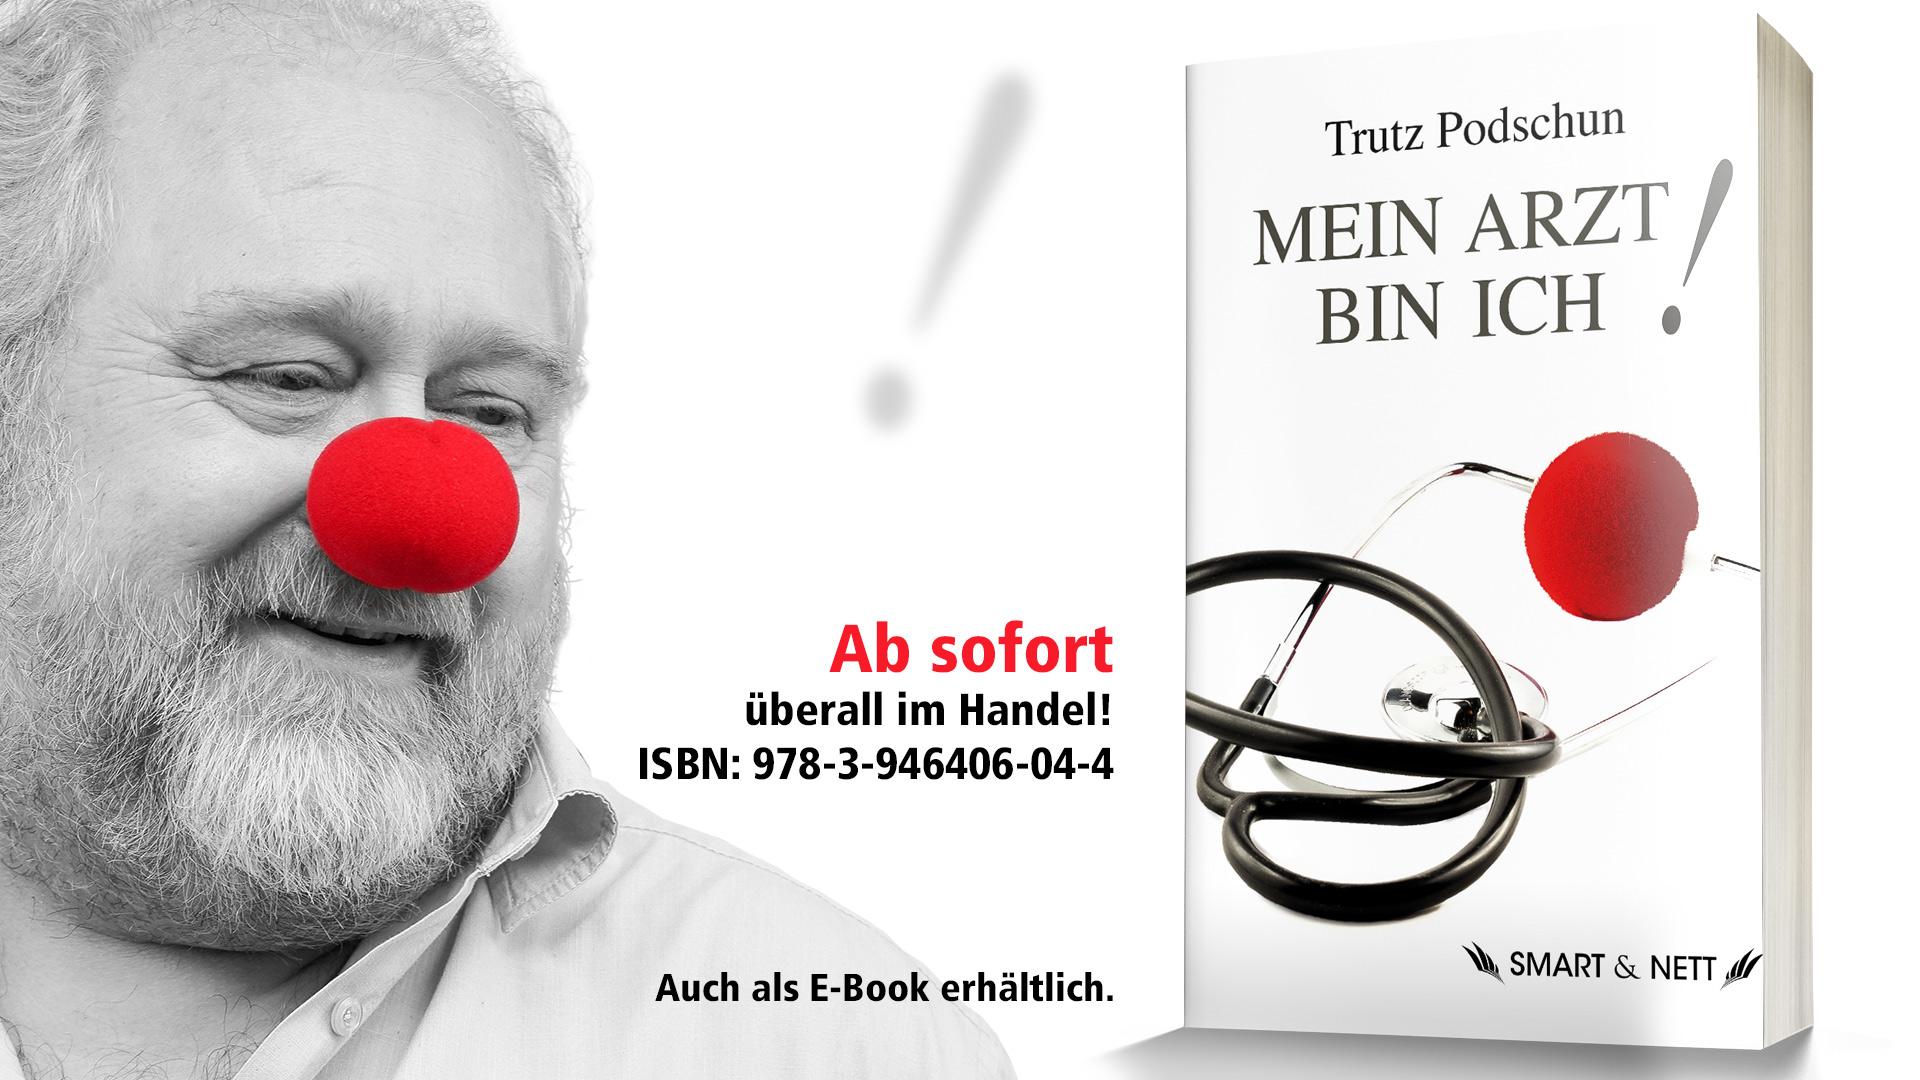 Mein Arzt bin ich! | Trutz Podschun | SMART & NETT VERLAG